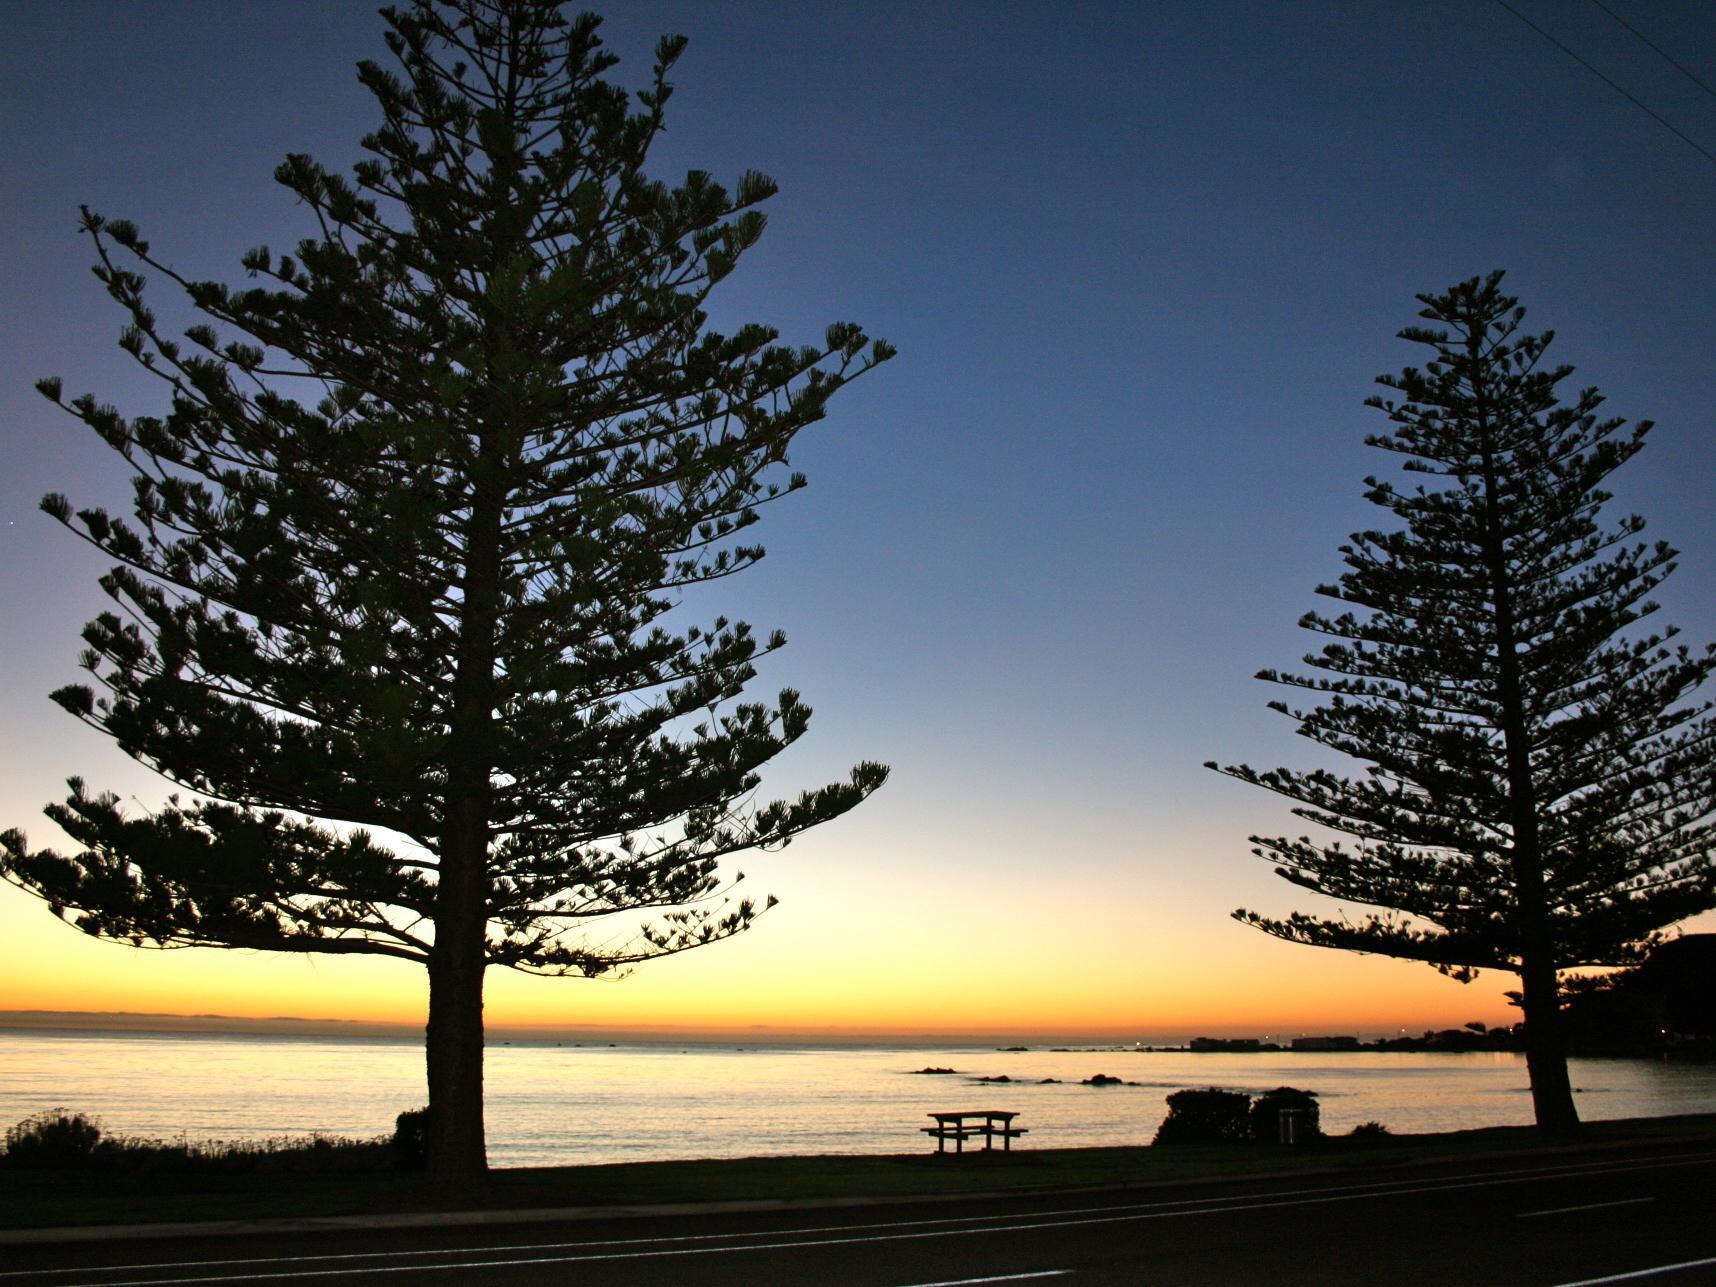 Seaview Motel - Hotell och Boende i Nya Zeeland i Stilla havet och Australien